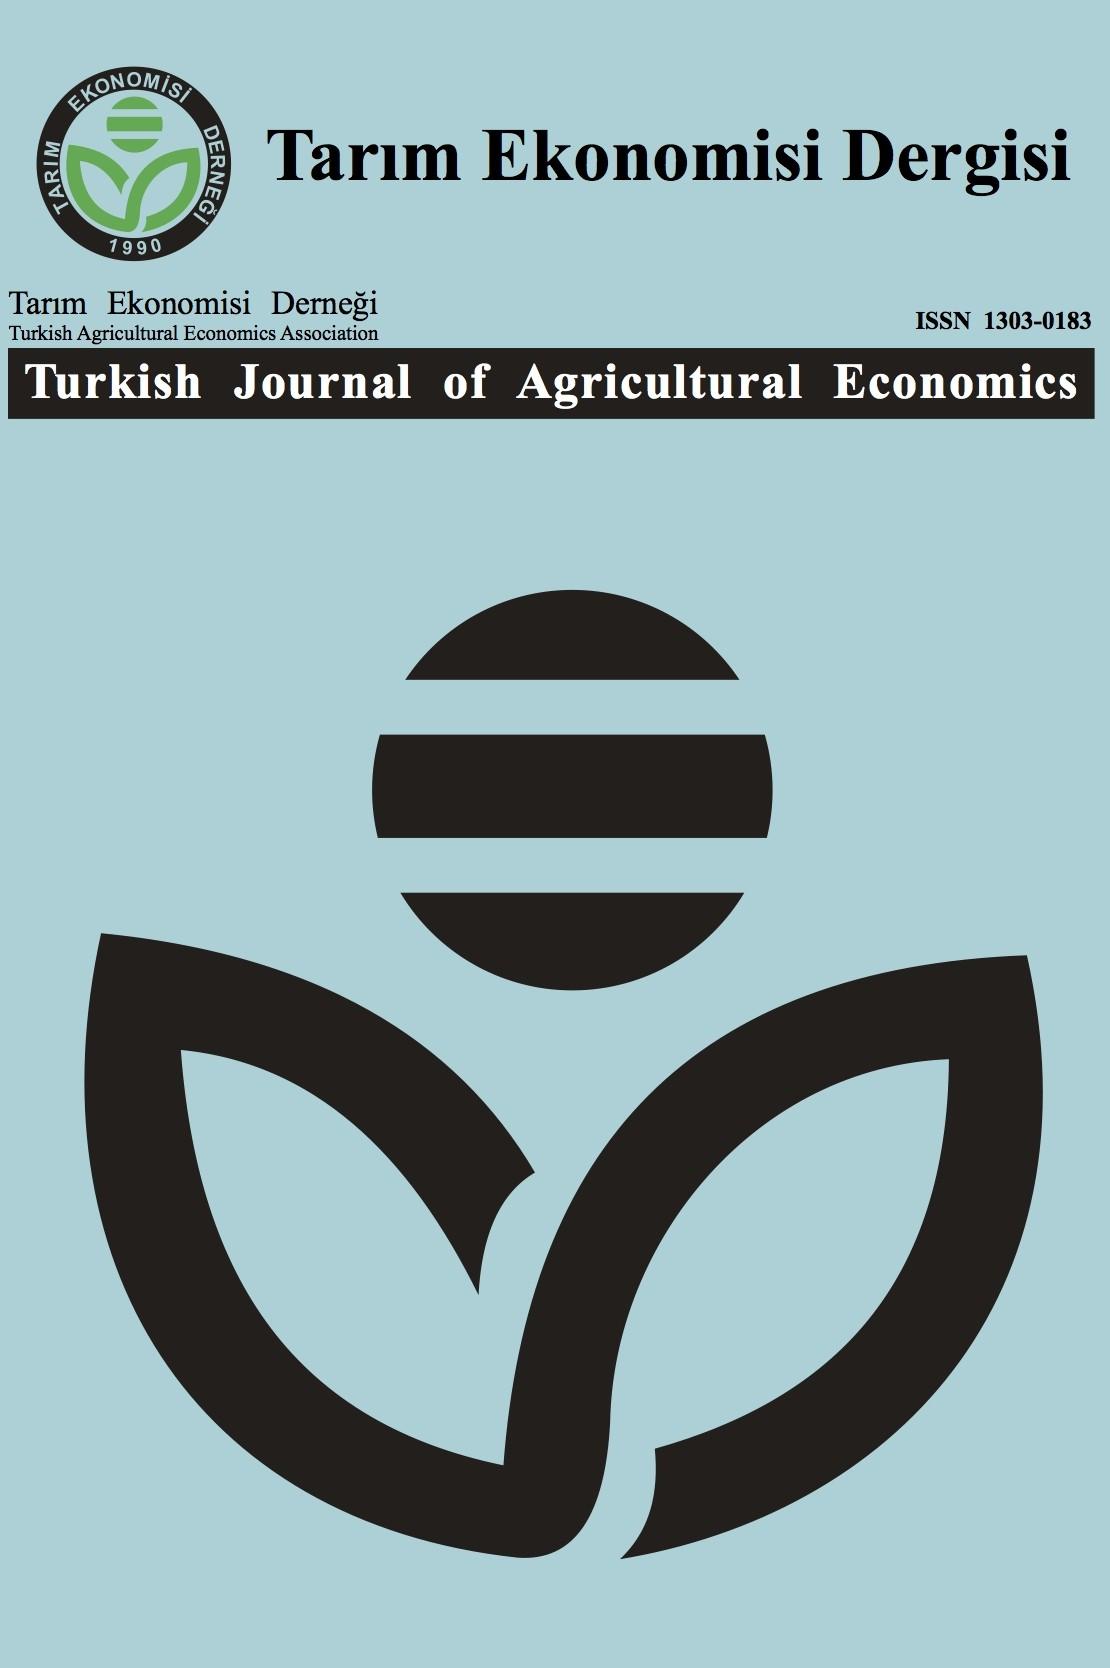 Tarım Ekonomisi Dergisi